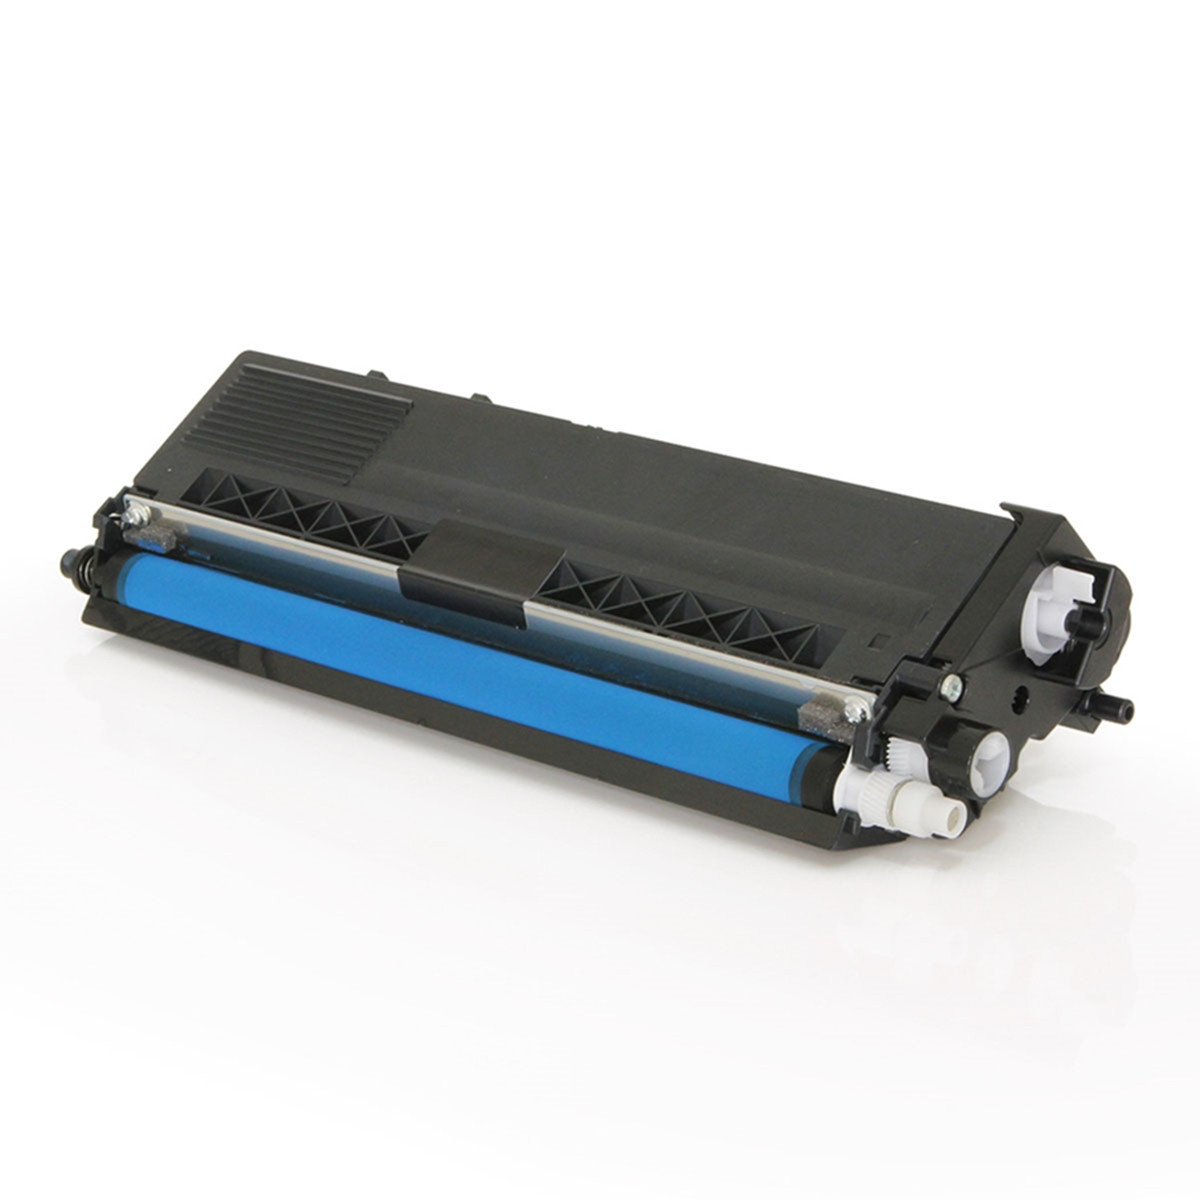 Toner Compatível com Brother TN-326C TN326 Ciano | HL-L8250CDN DCP-L8450CDW | Bestchoice 3.5k